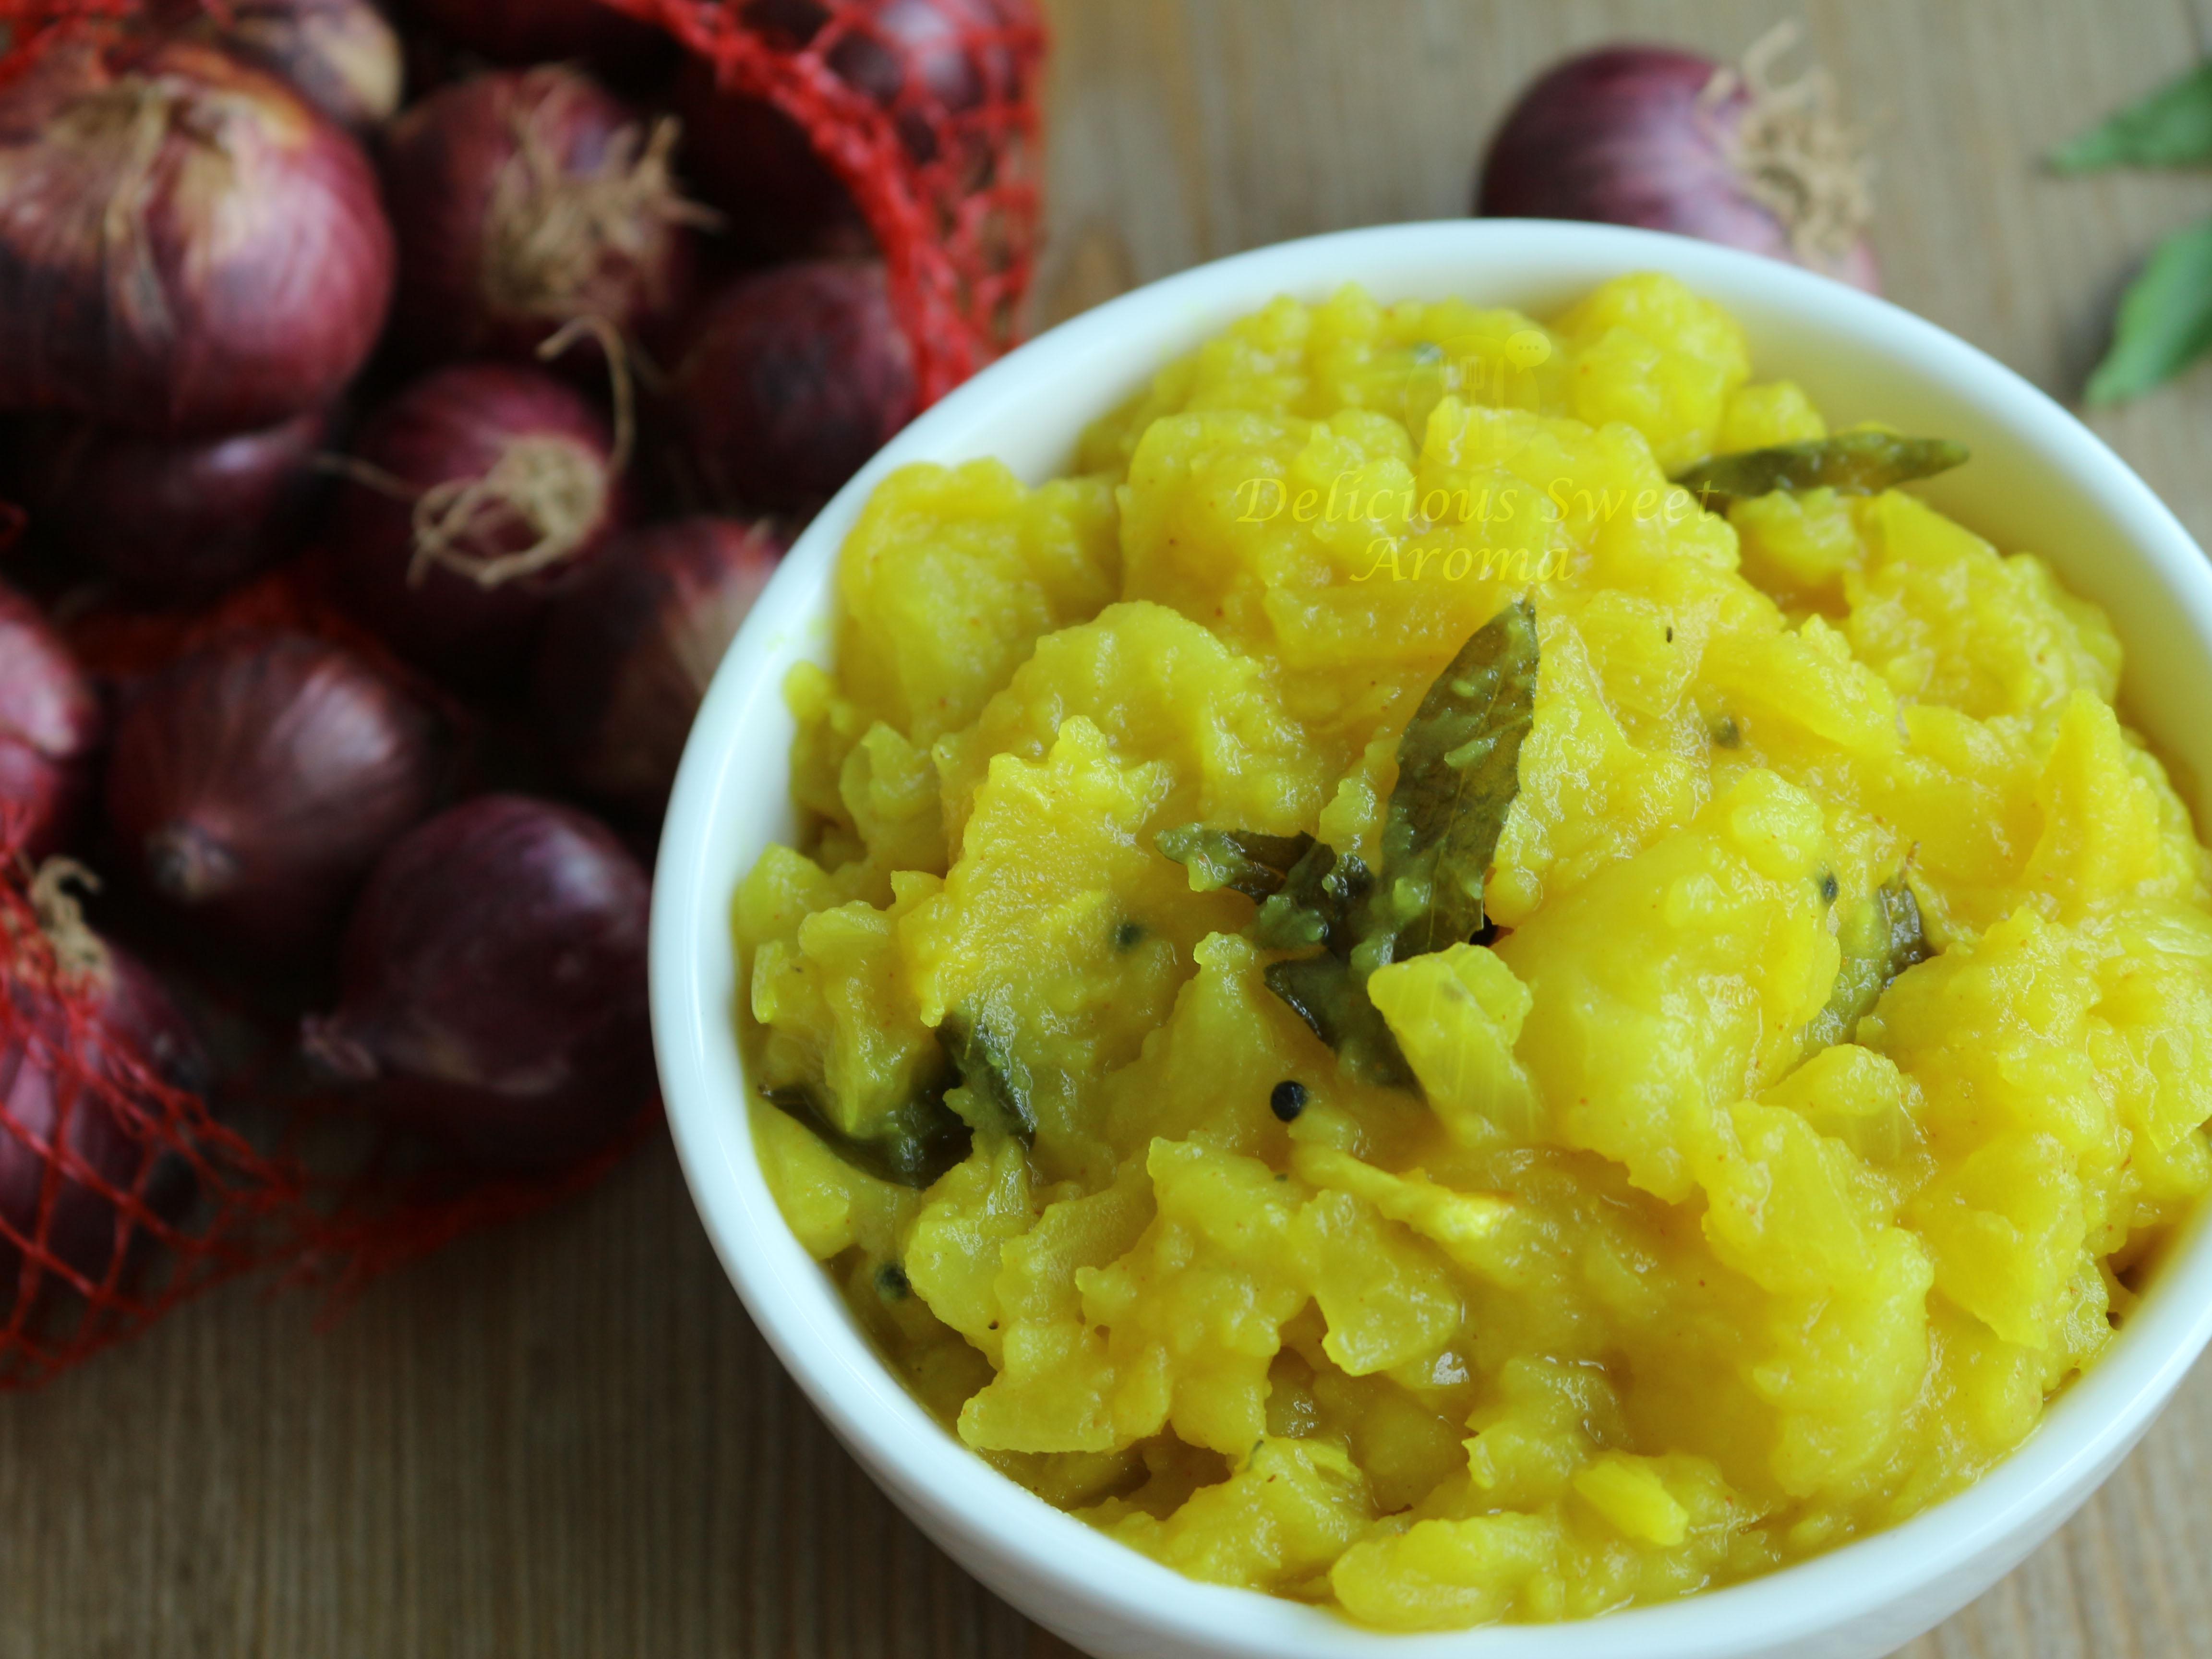 Potato Bhaji/Aloo Bhaji | Potato Recipe | Delicious Sweet Aroma